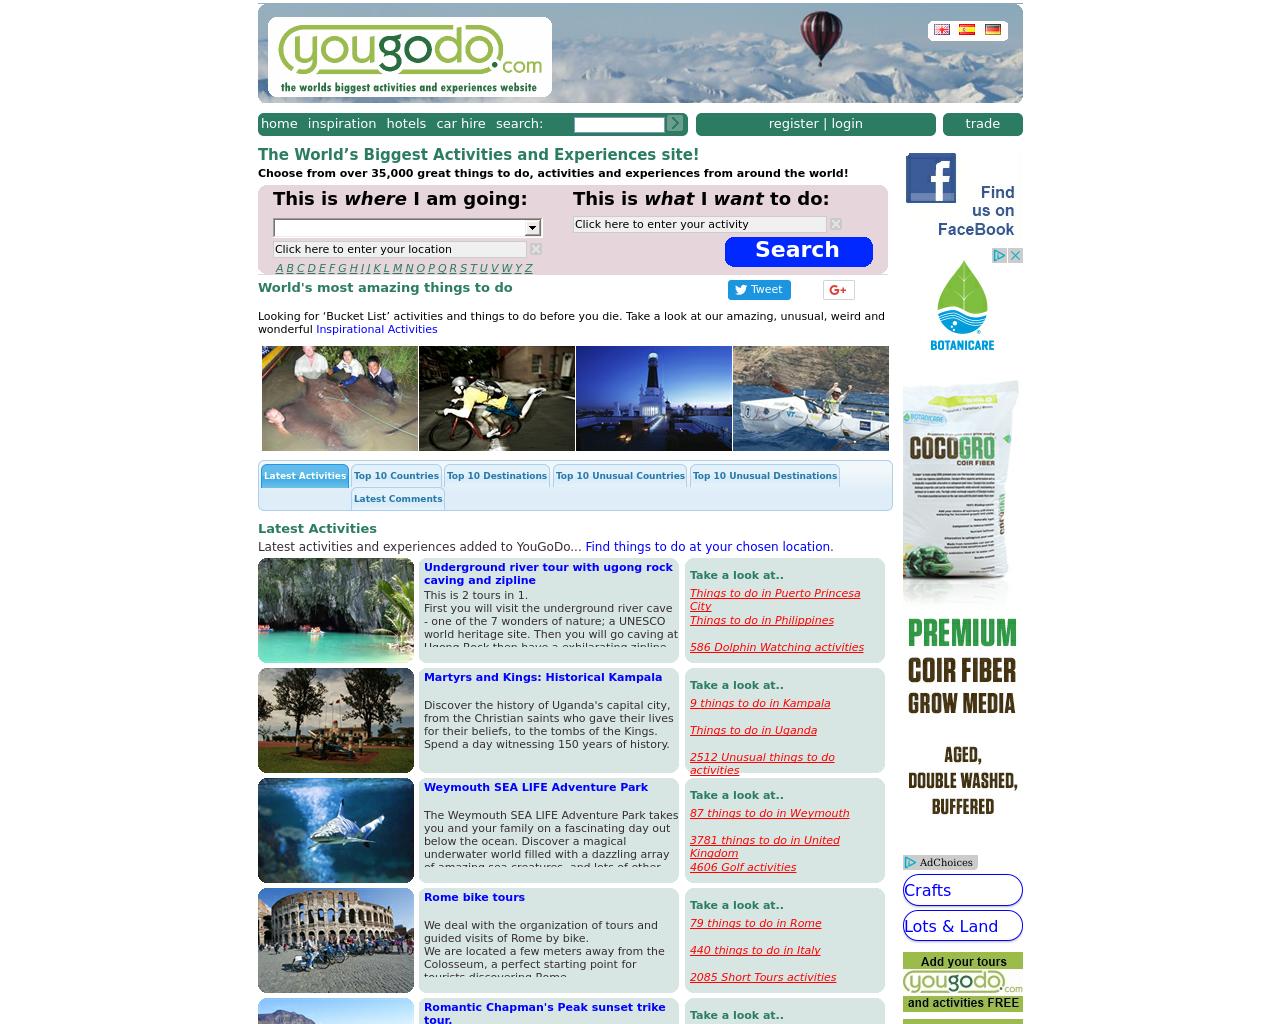 Yougodo.com-Advertising-Reviews-Pricing